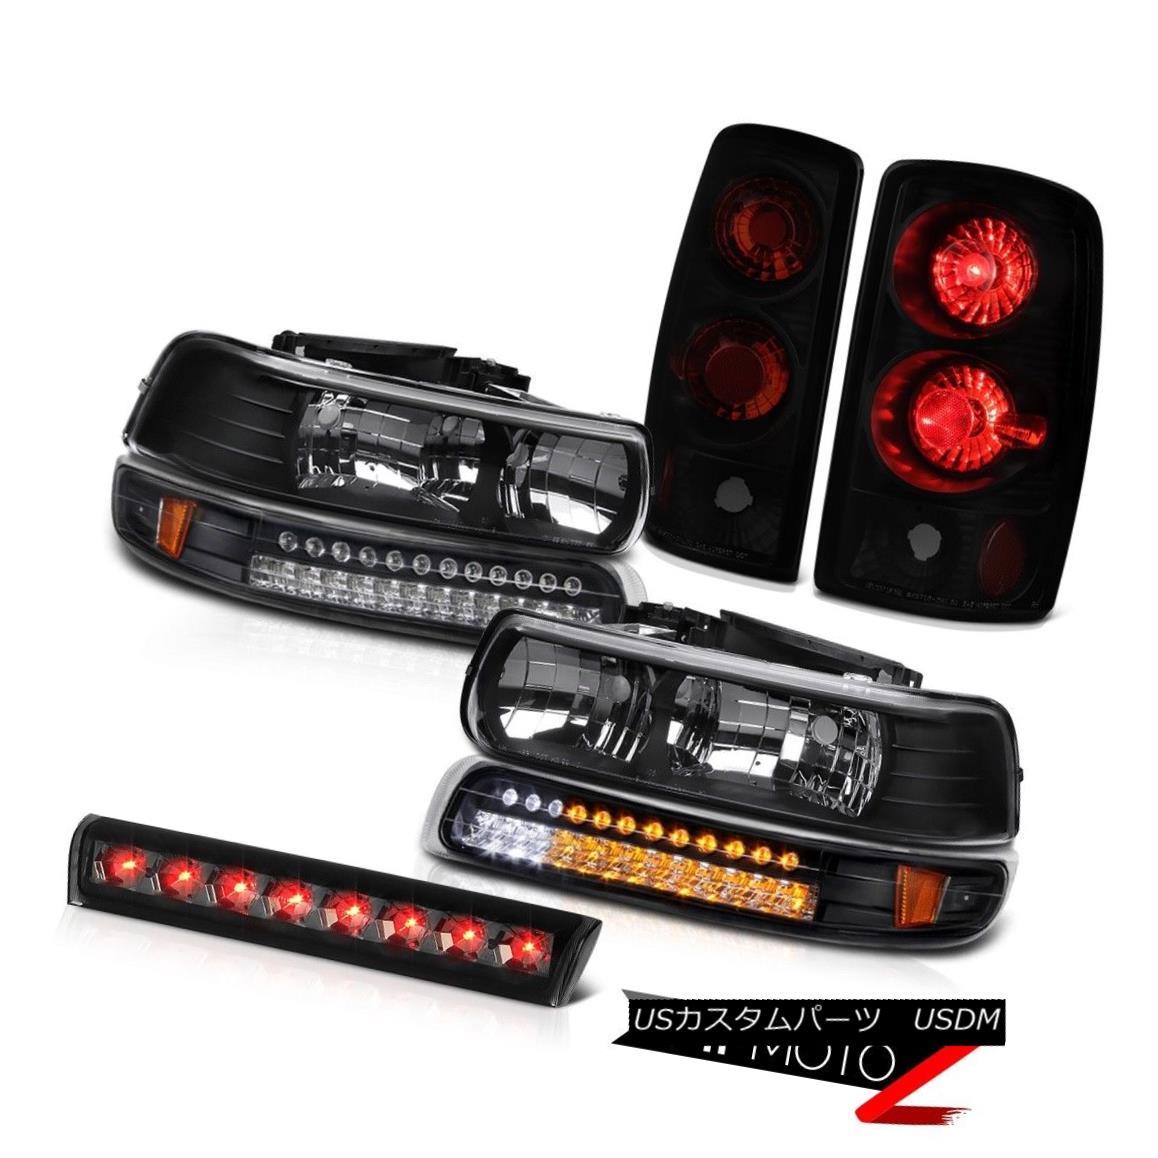 ヘッドライト 00-06 Suburban 5.7L Black Headlamps SMD Darkest Tail Lights High Brake Cargo LED 00-06郊外5.7LブラックヘッドランプSMDダークテールテールライトハイブレーキカーゴLED